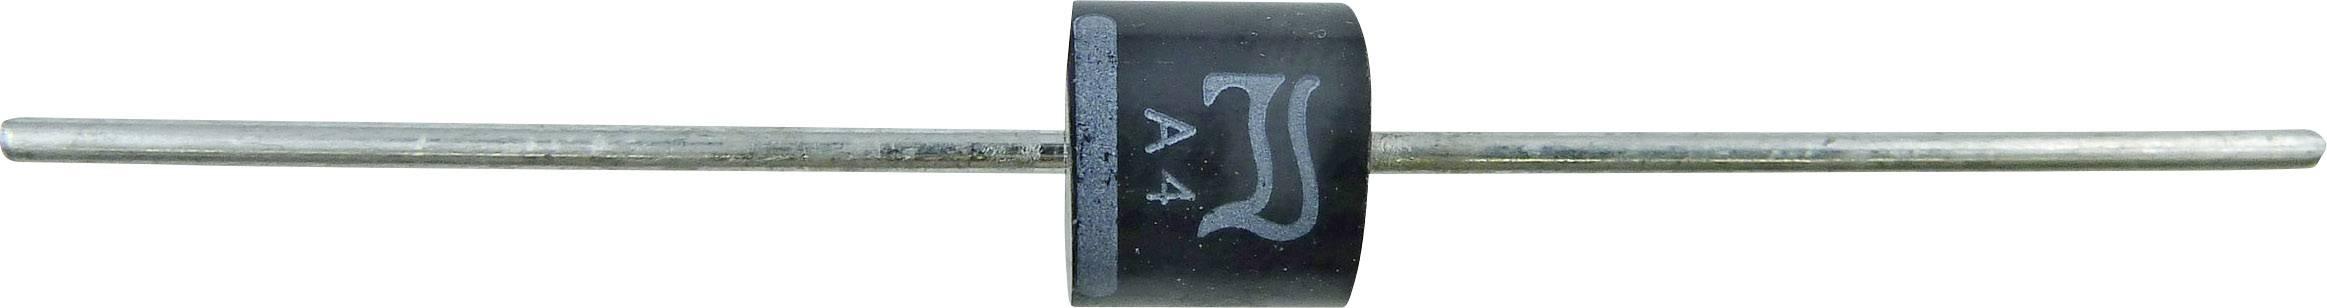 Kremíková usmerňovacia dióda Diotec P600M P600M 6 A, 1000 V